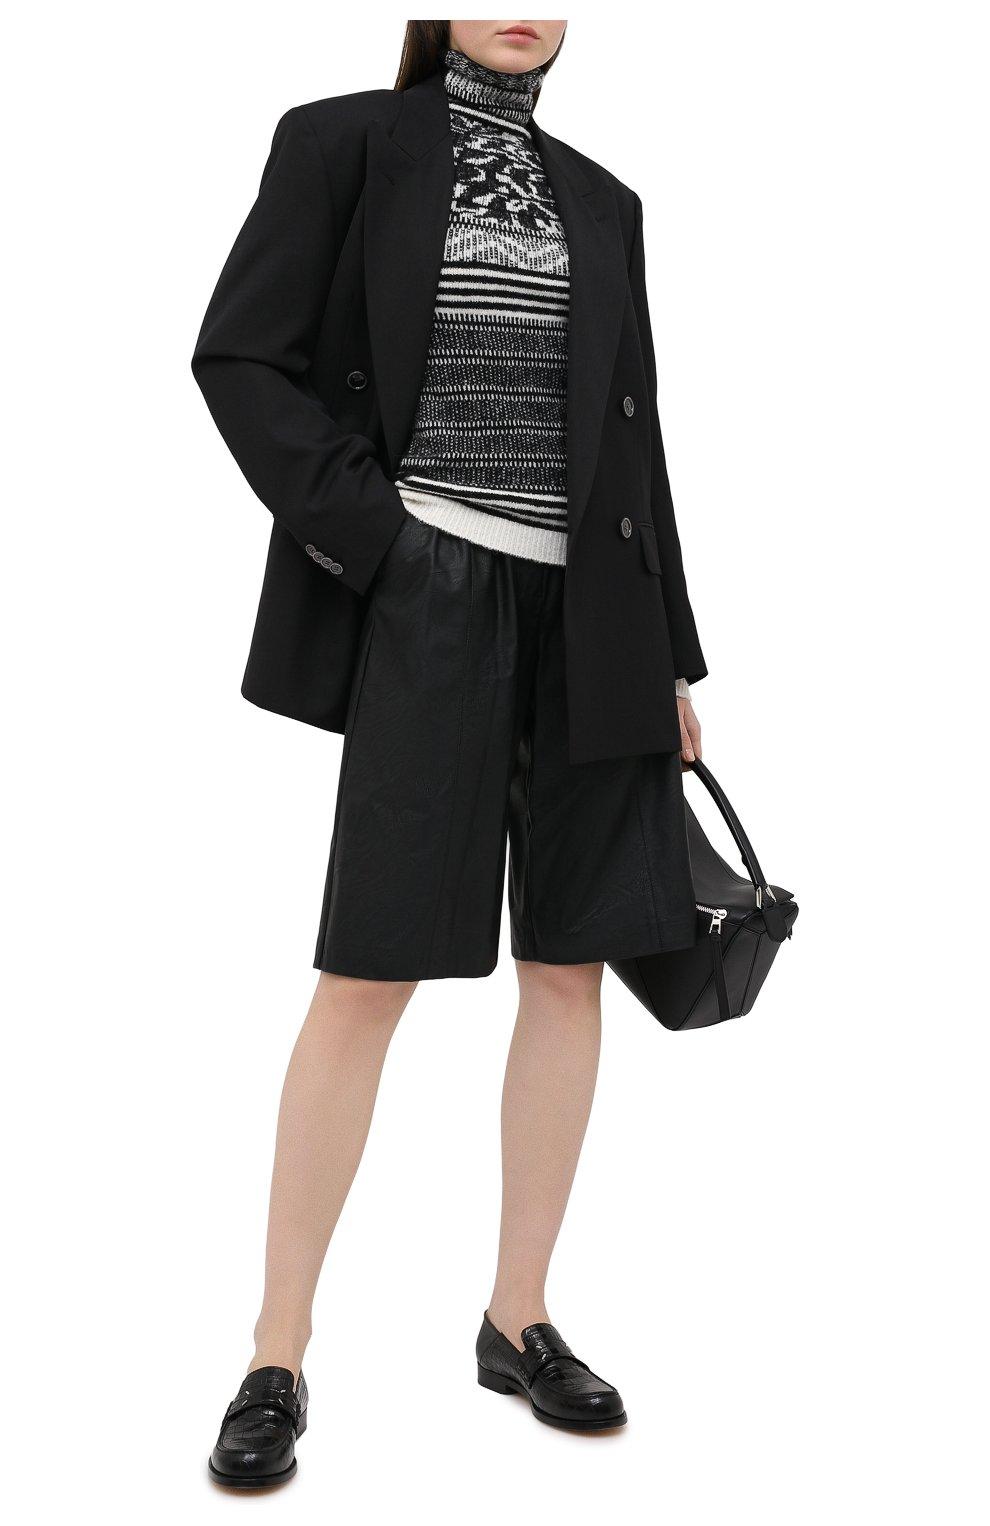 Женские шорты из экокожи NUDE черного цвета, арт. 1103028/SH0RTS | Фото 2 (Женское Кросс-КТ: Шорты-одежда; Материал внешний: Синтетический материал, Вискоза; Кросс-КТ: Широкие, экокожа; Стили: Спорт-шик; Длина Ж (юбки, платья, шорты): До колена)